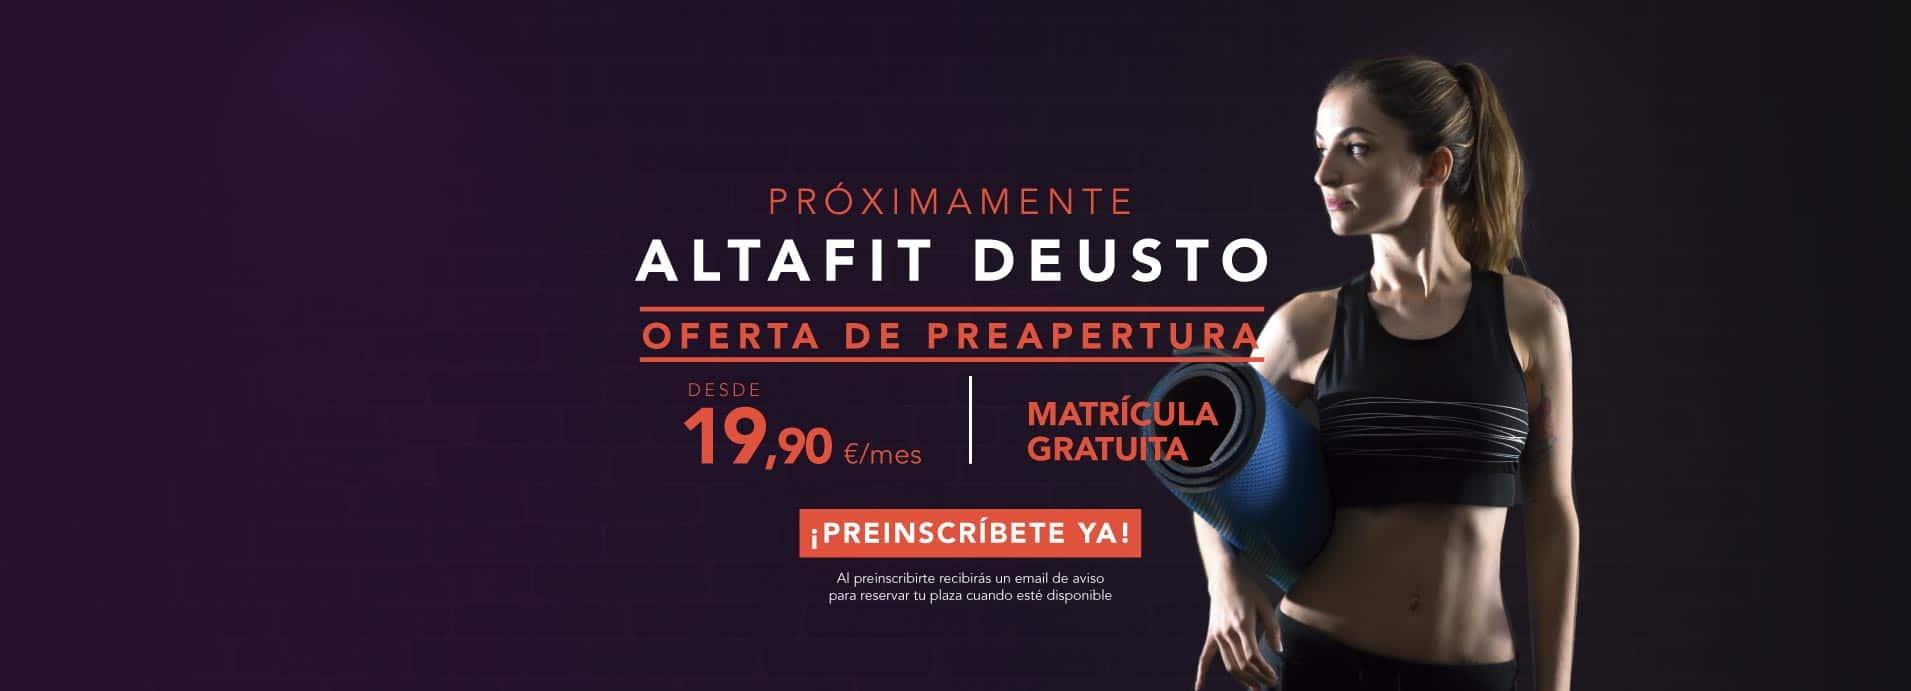 Preinscríbete en el nuevo Altafit Desuto